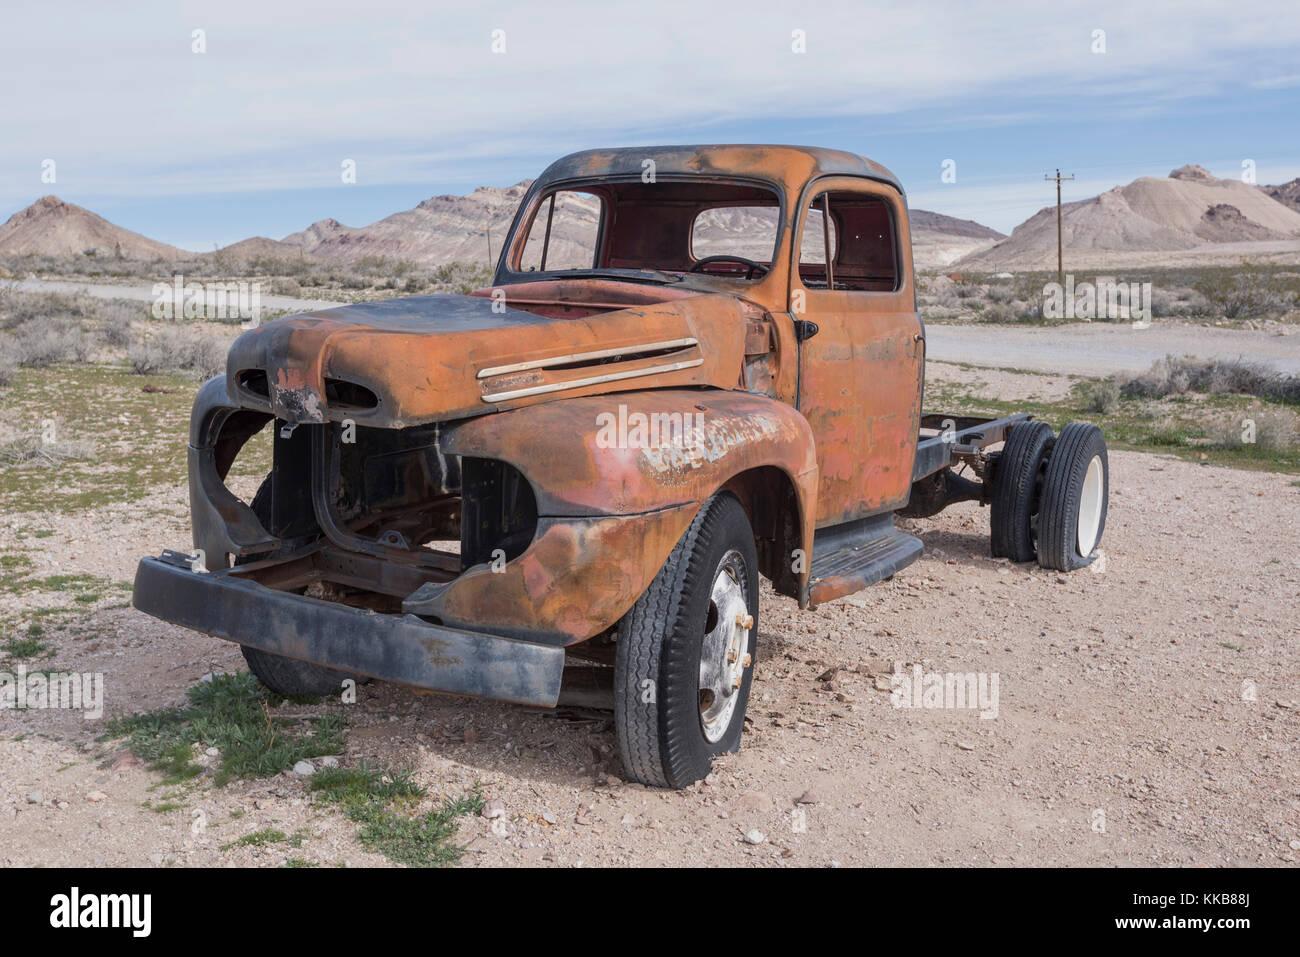 Aufgegeben und vernachlässigte Fahrzeug im Death Valley, Nevada, USA, Motor zerlegt und Einbauten und Armaturen Stockbild